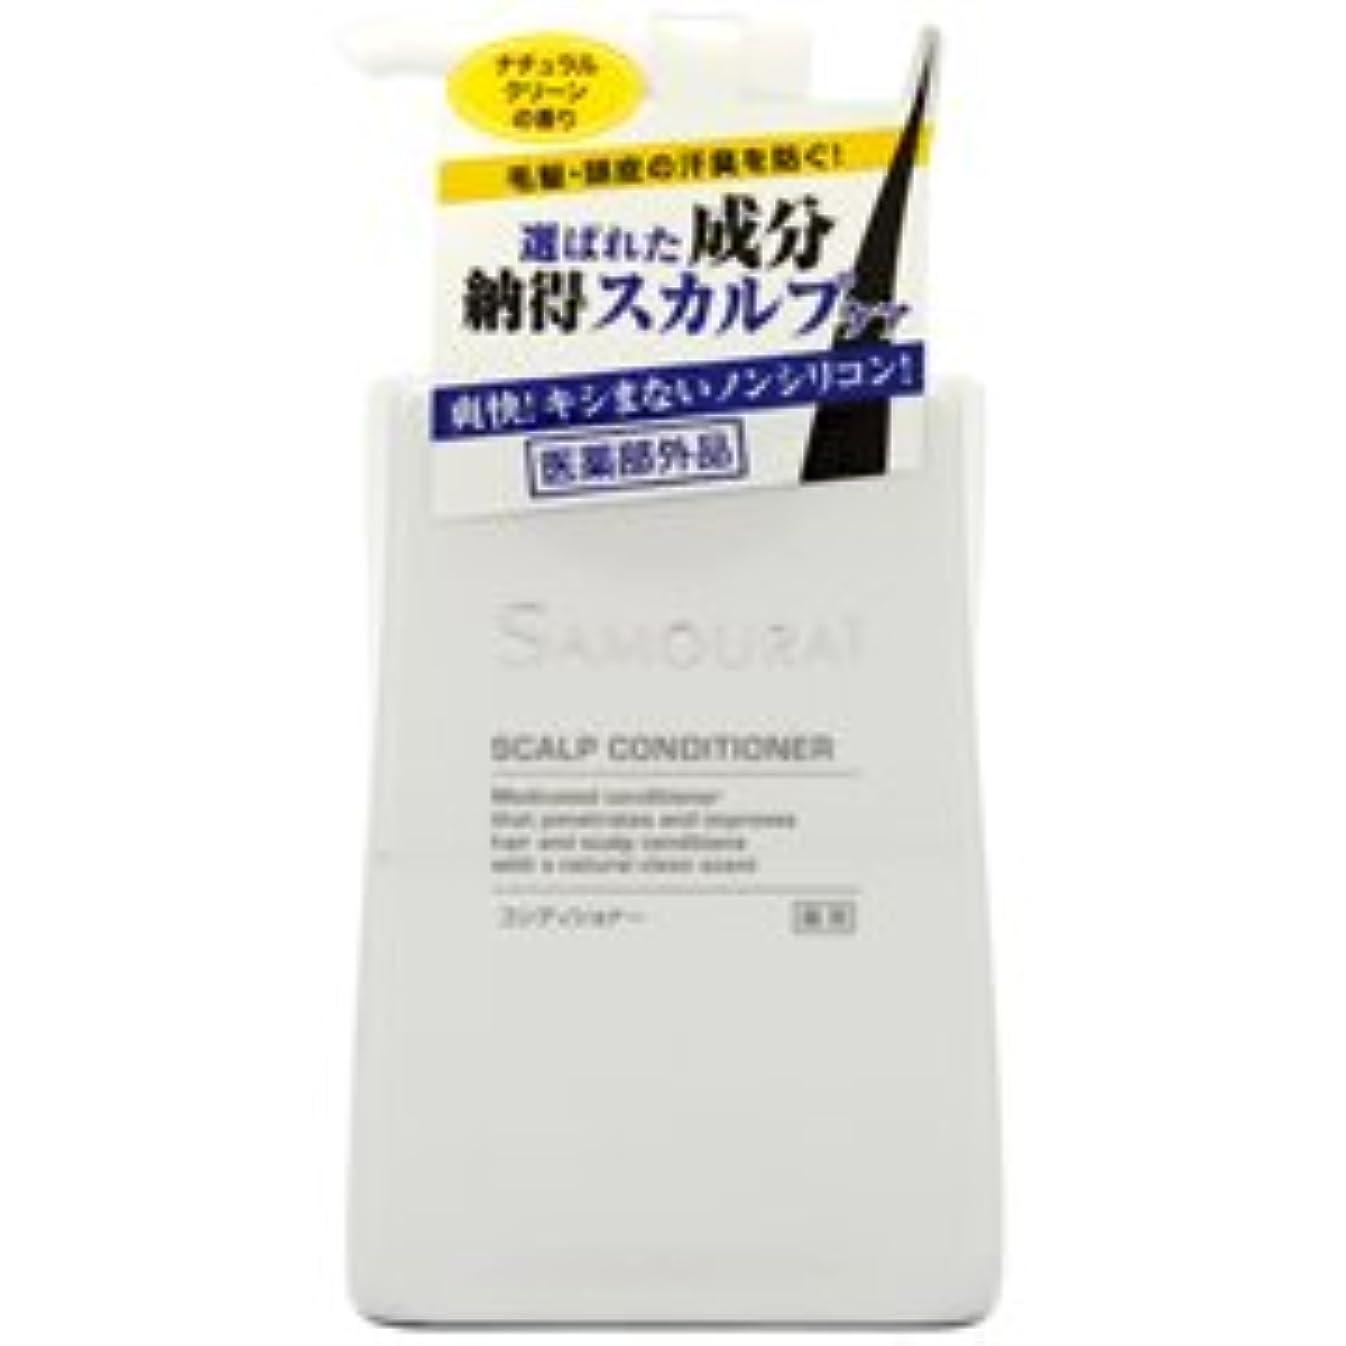 回復バイバイ品種【アランドロン】サムライ 薬用スカルプコンディショナー 300ml